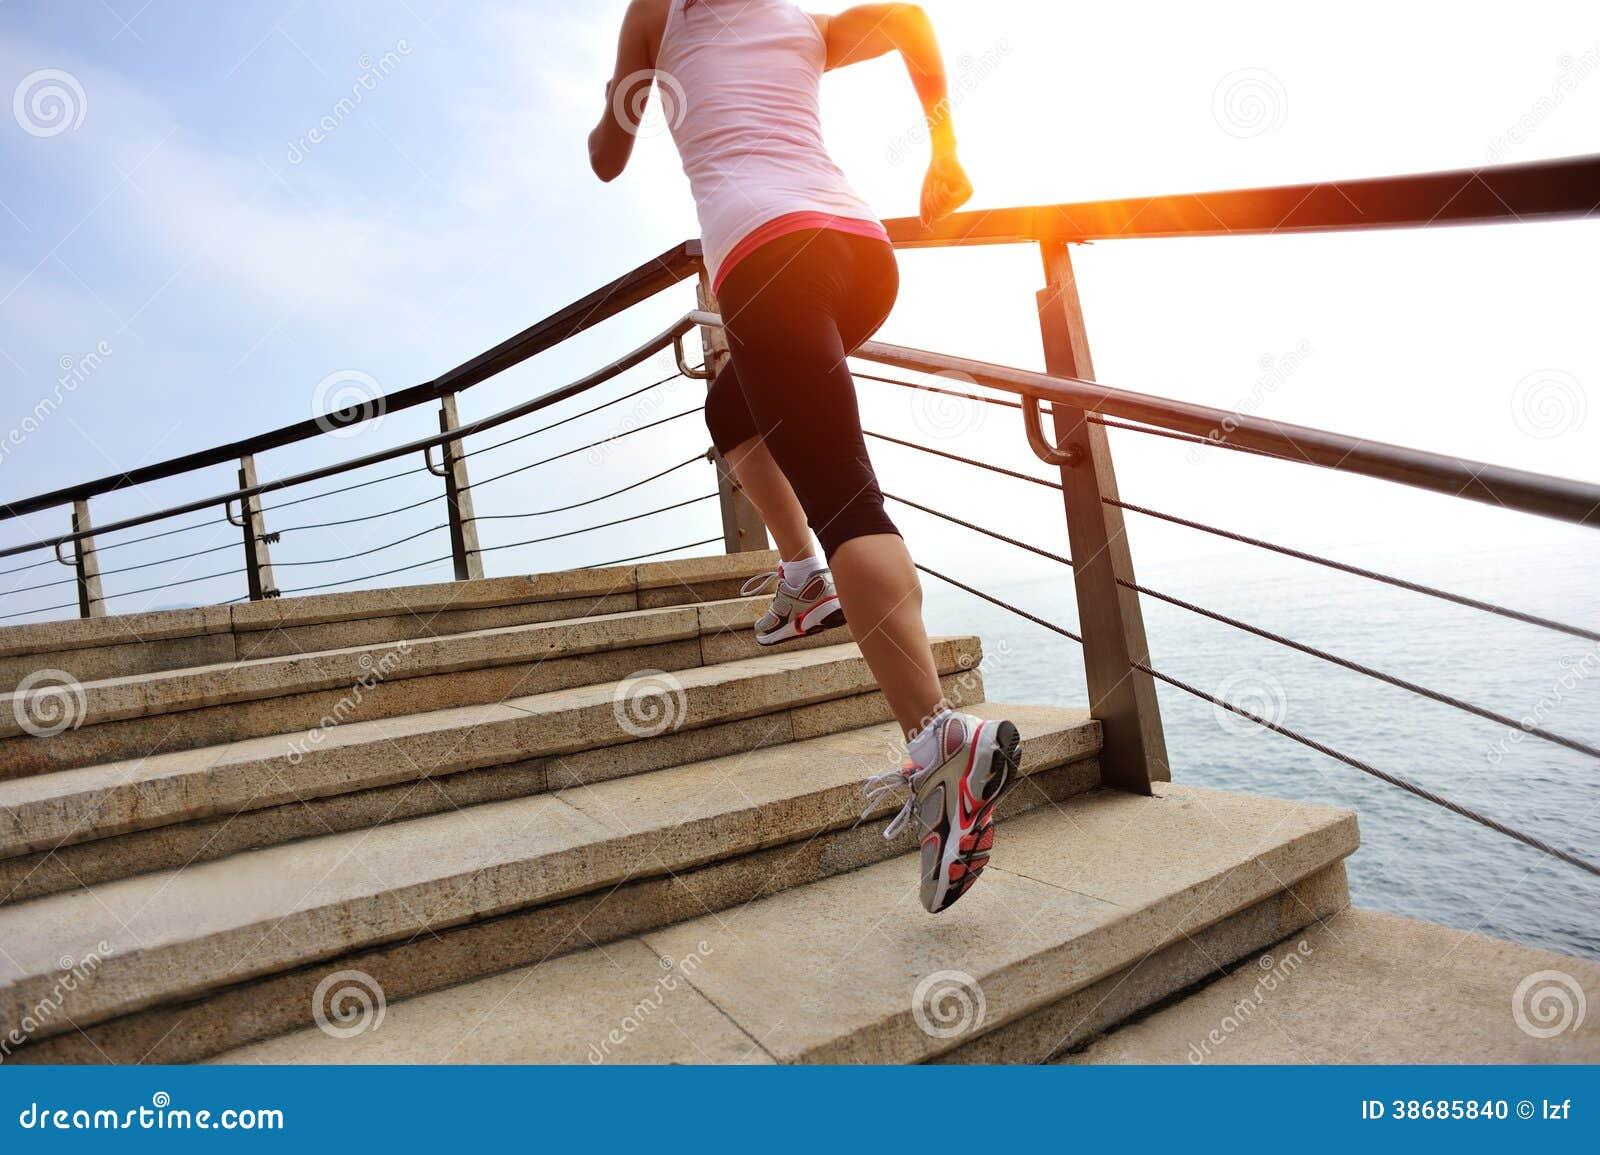 Zdrowa styl życia kobieta iść na piechotę bieg na kamiennych schodkach